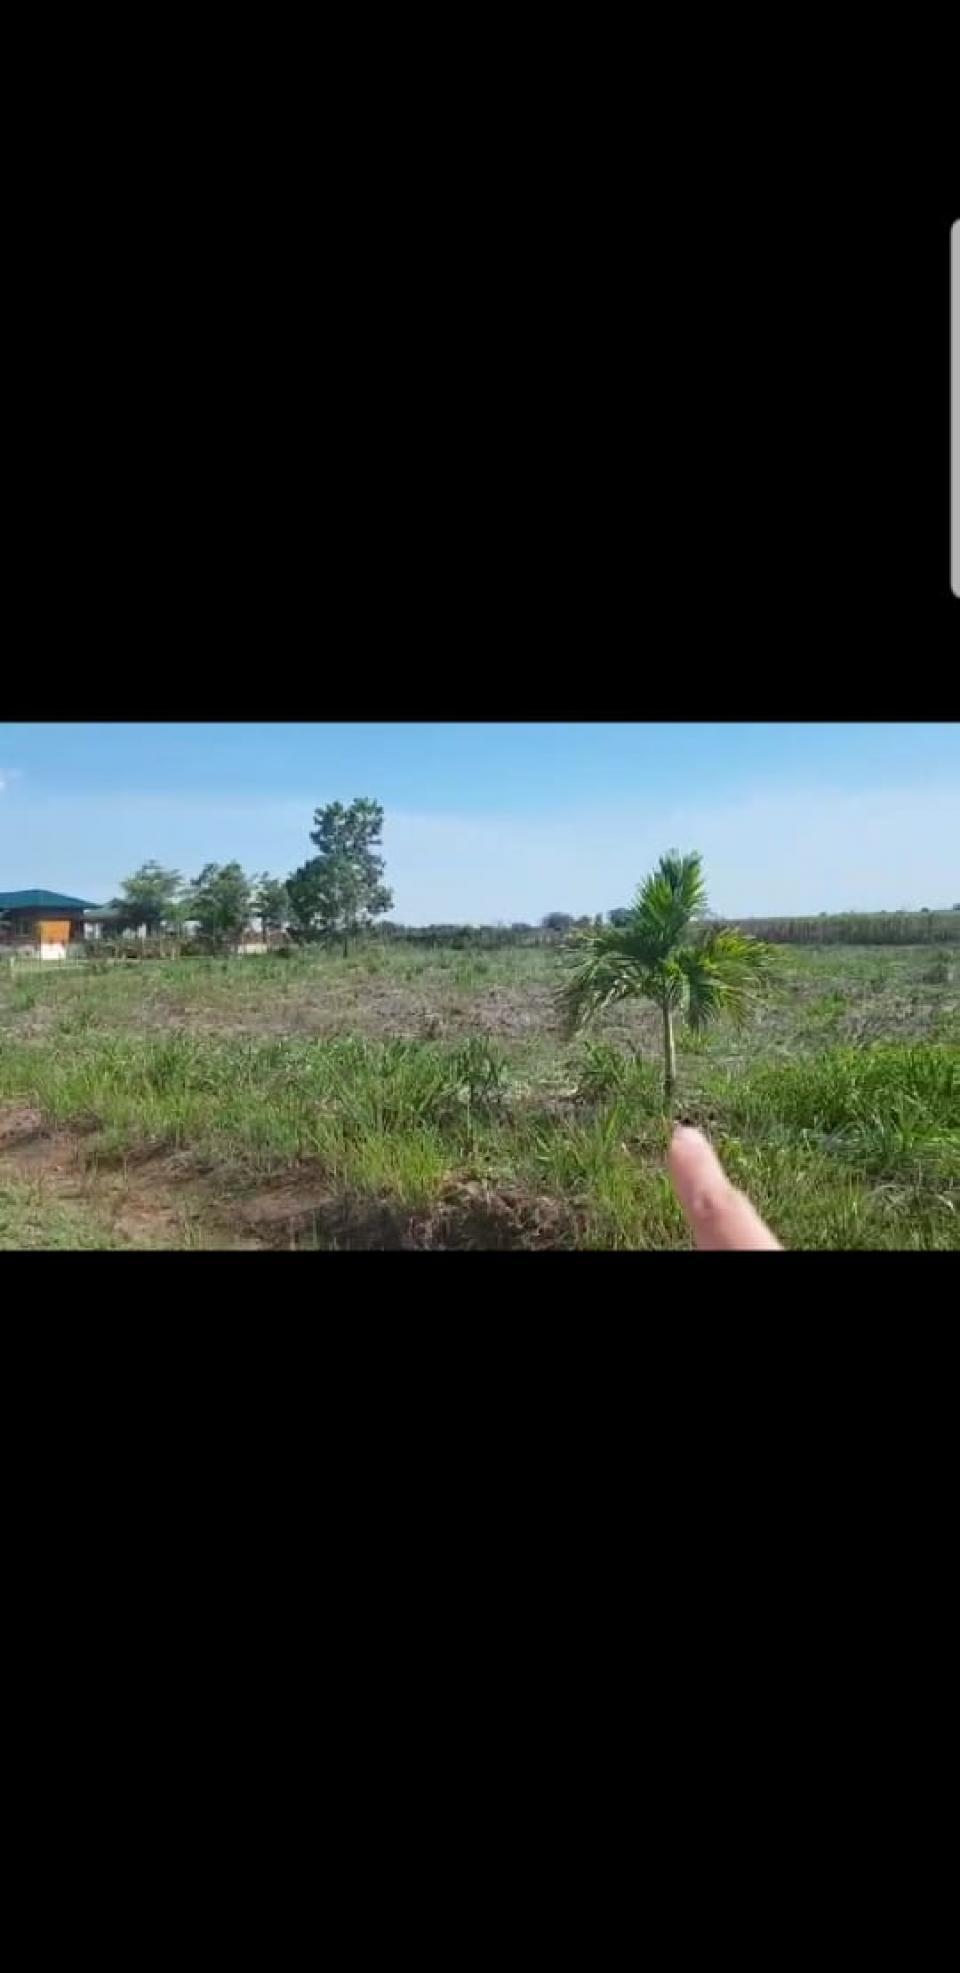 Terreno en venta en el sector ALTOS DE ARROYO HONDO III precio RD$ 1,900,000.00 RD$1,900,000